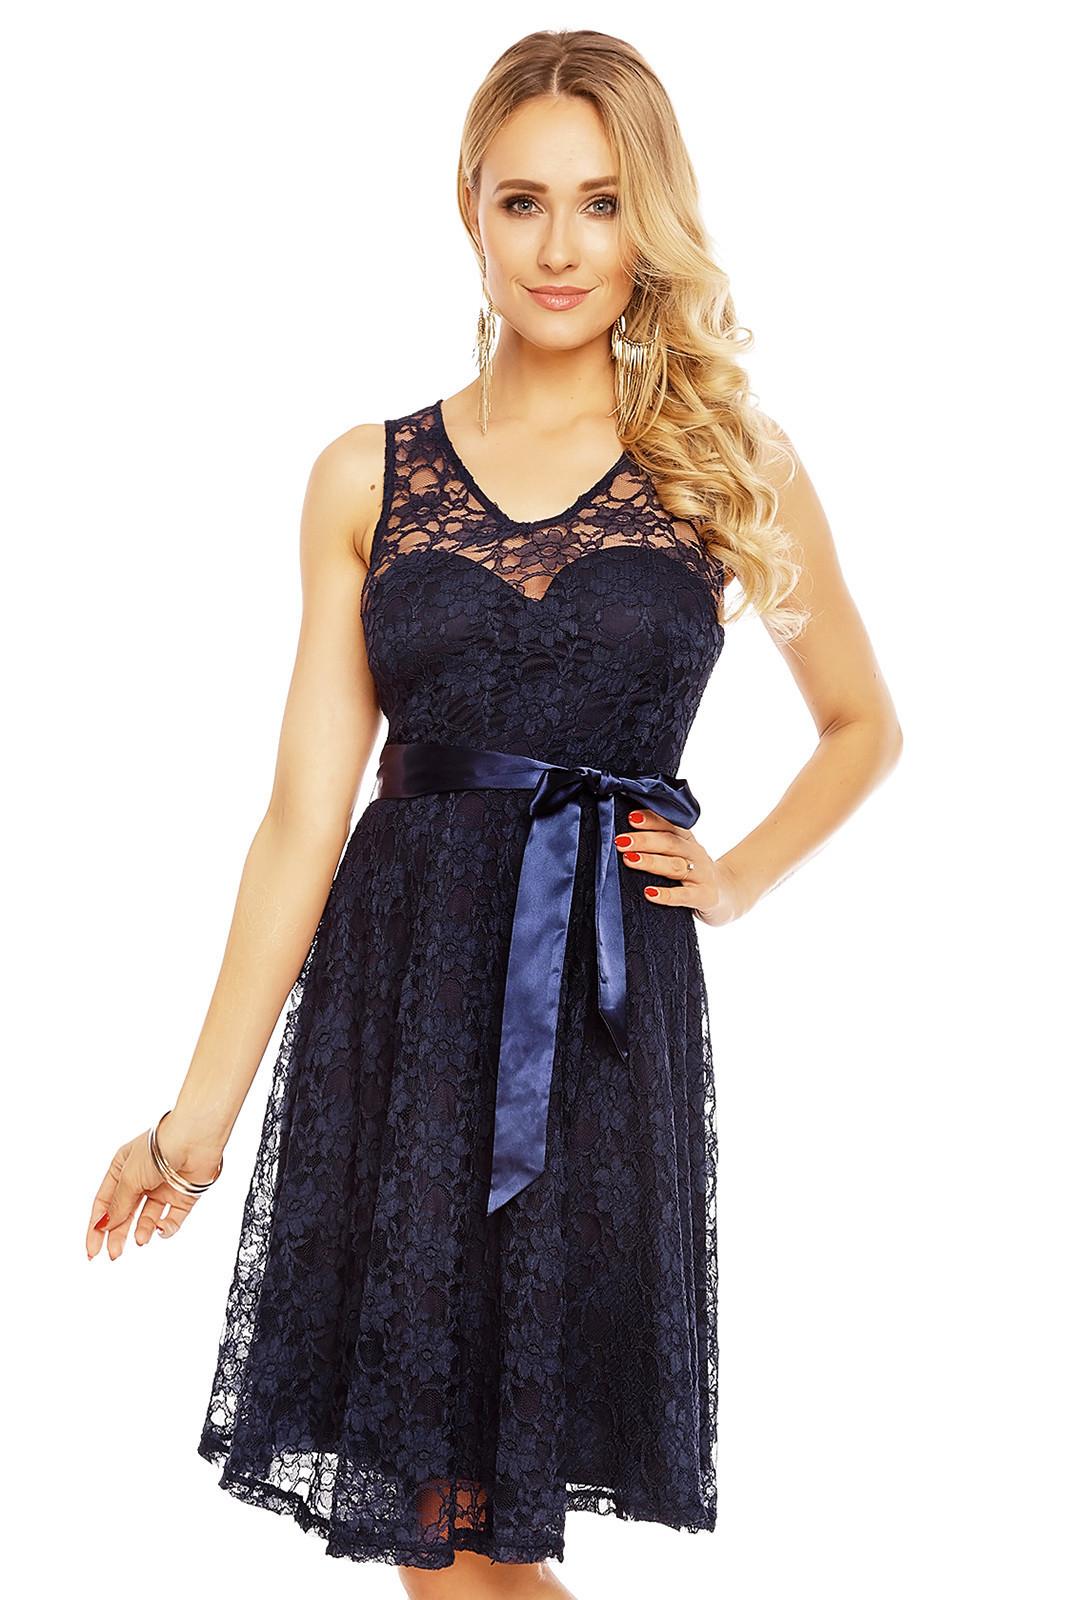 Dámské krajkové šaty na ramínka s páskem středně dlouhé tmavě modré - Tmavě modrá - MAYAADI tmavě modrá M